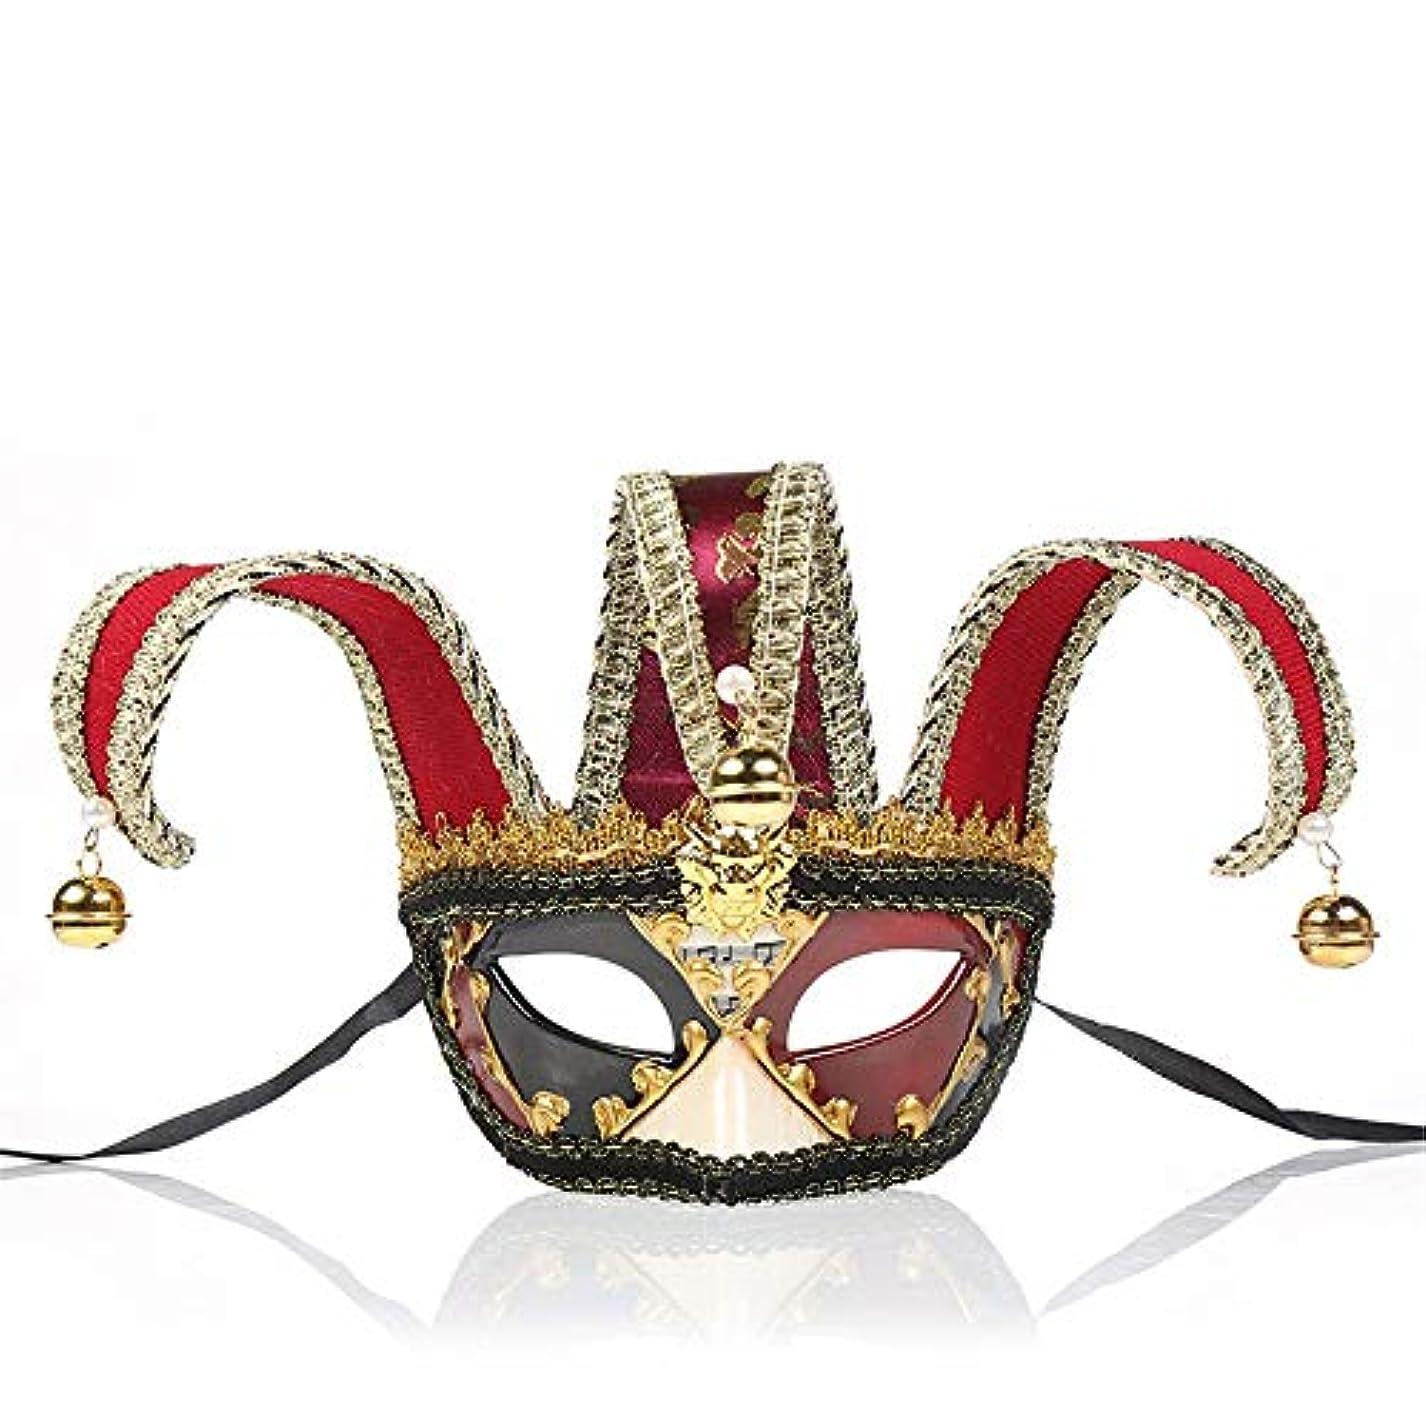 器官敬な取り出すダンスマスク 若者の少女ハロウィーンギフトレトロマスクホット販売マスカレードロールプレイング装飾 パーティーマスク (色 : 赤, サイズ : 28x16.5cm)